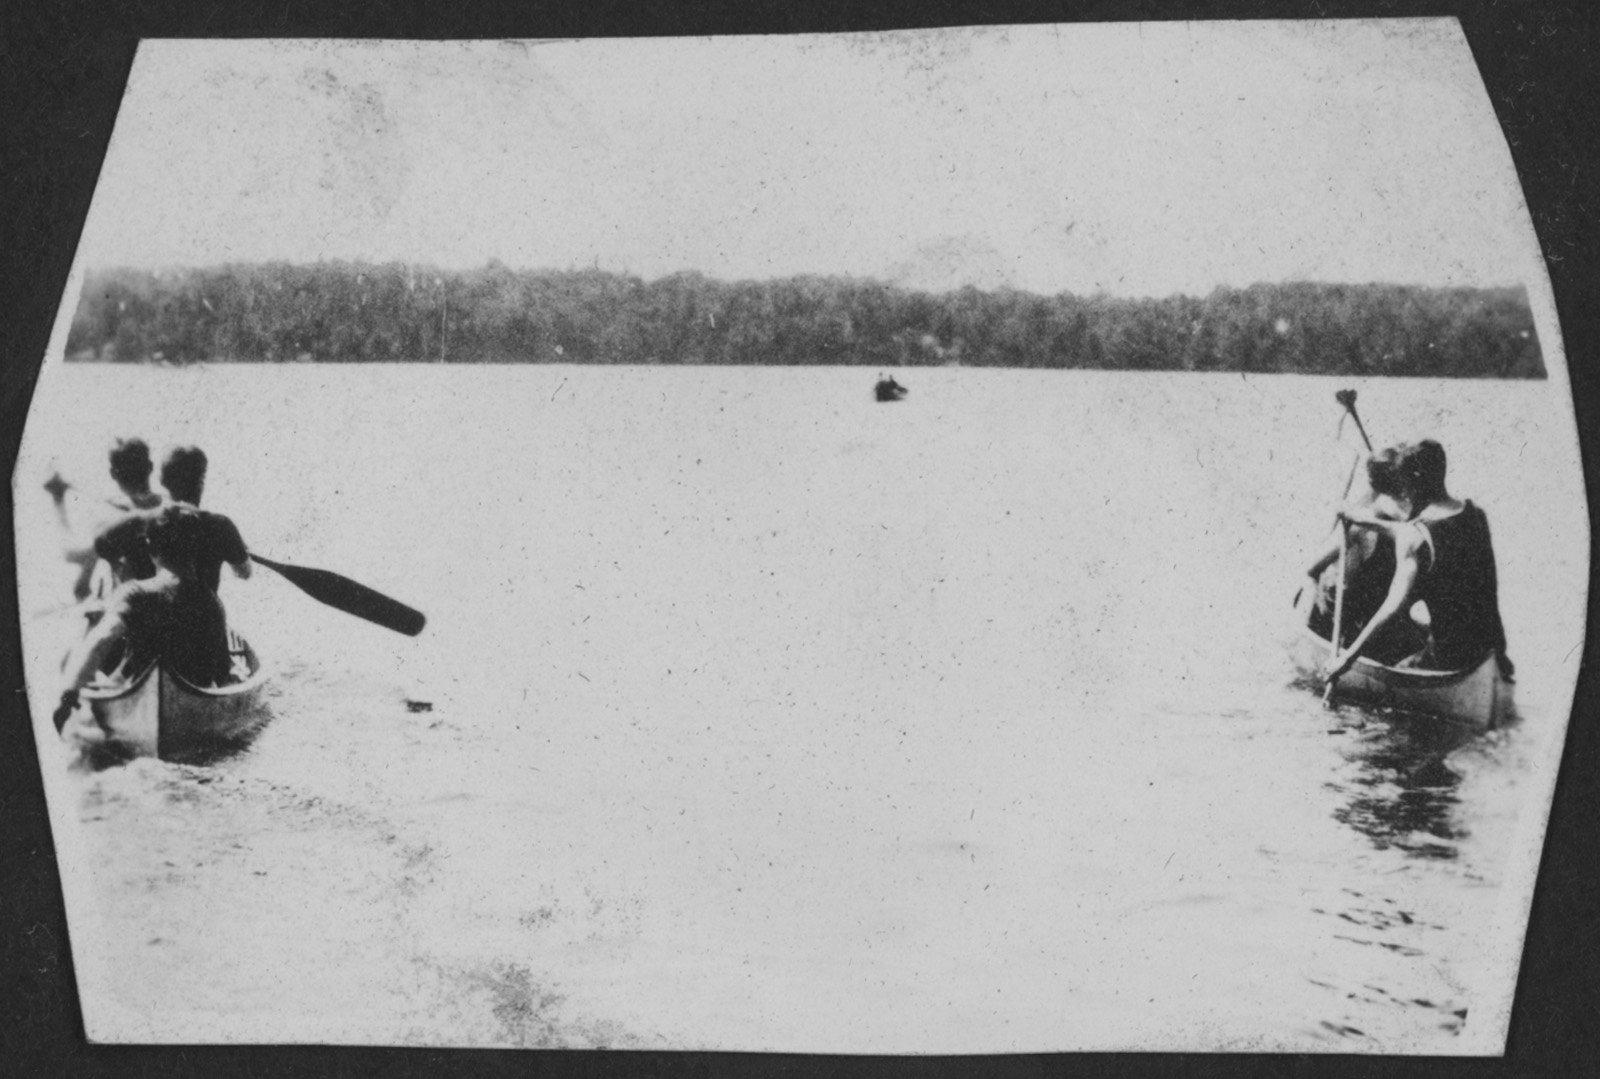 Canoeing near Fettercairn on Indian Lake